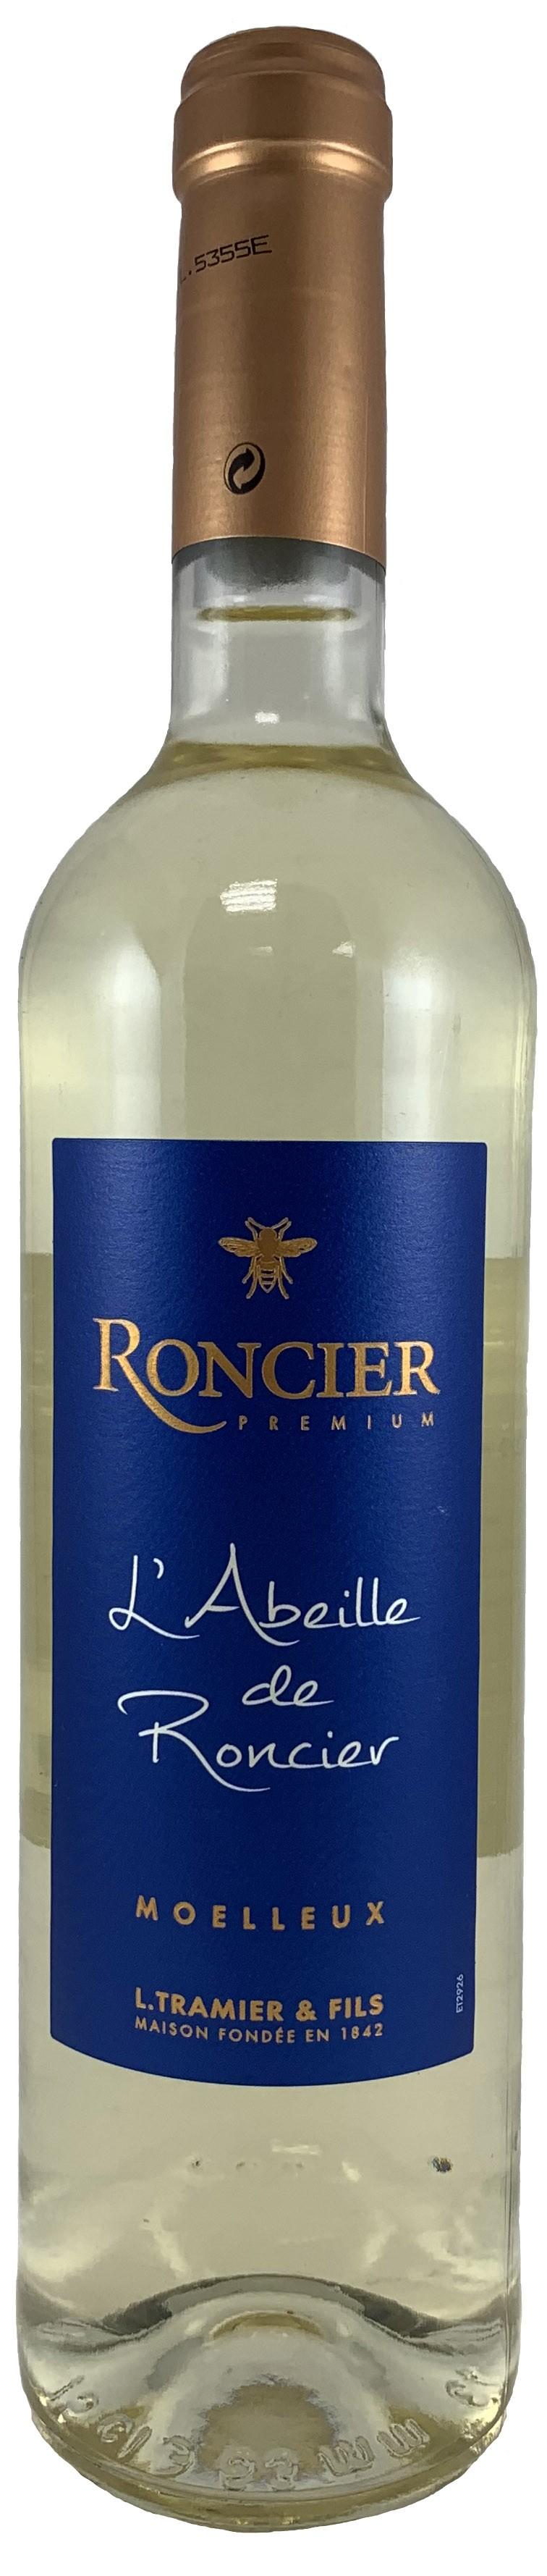 法國 勃艮地 鉈尼酒莊 羅希爾比莉甜白酒